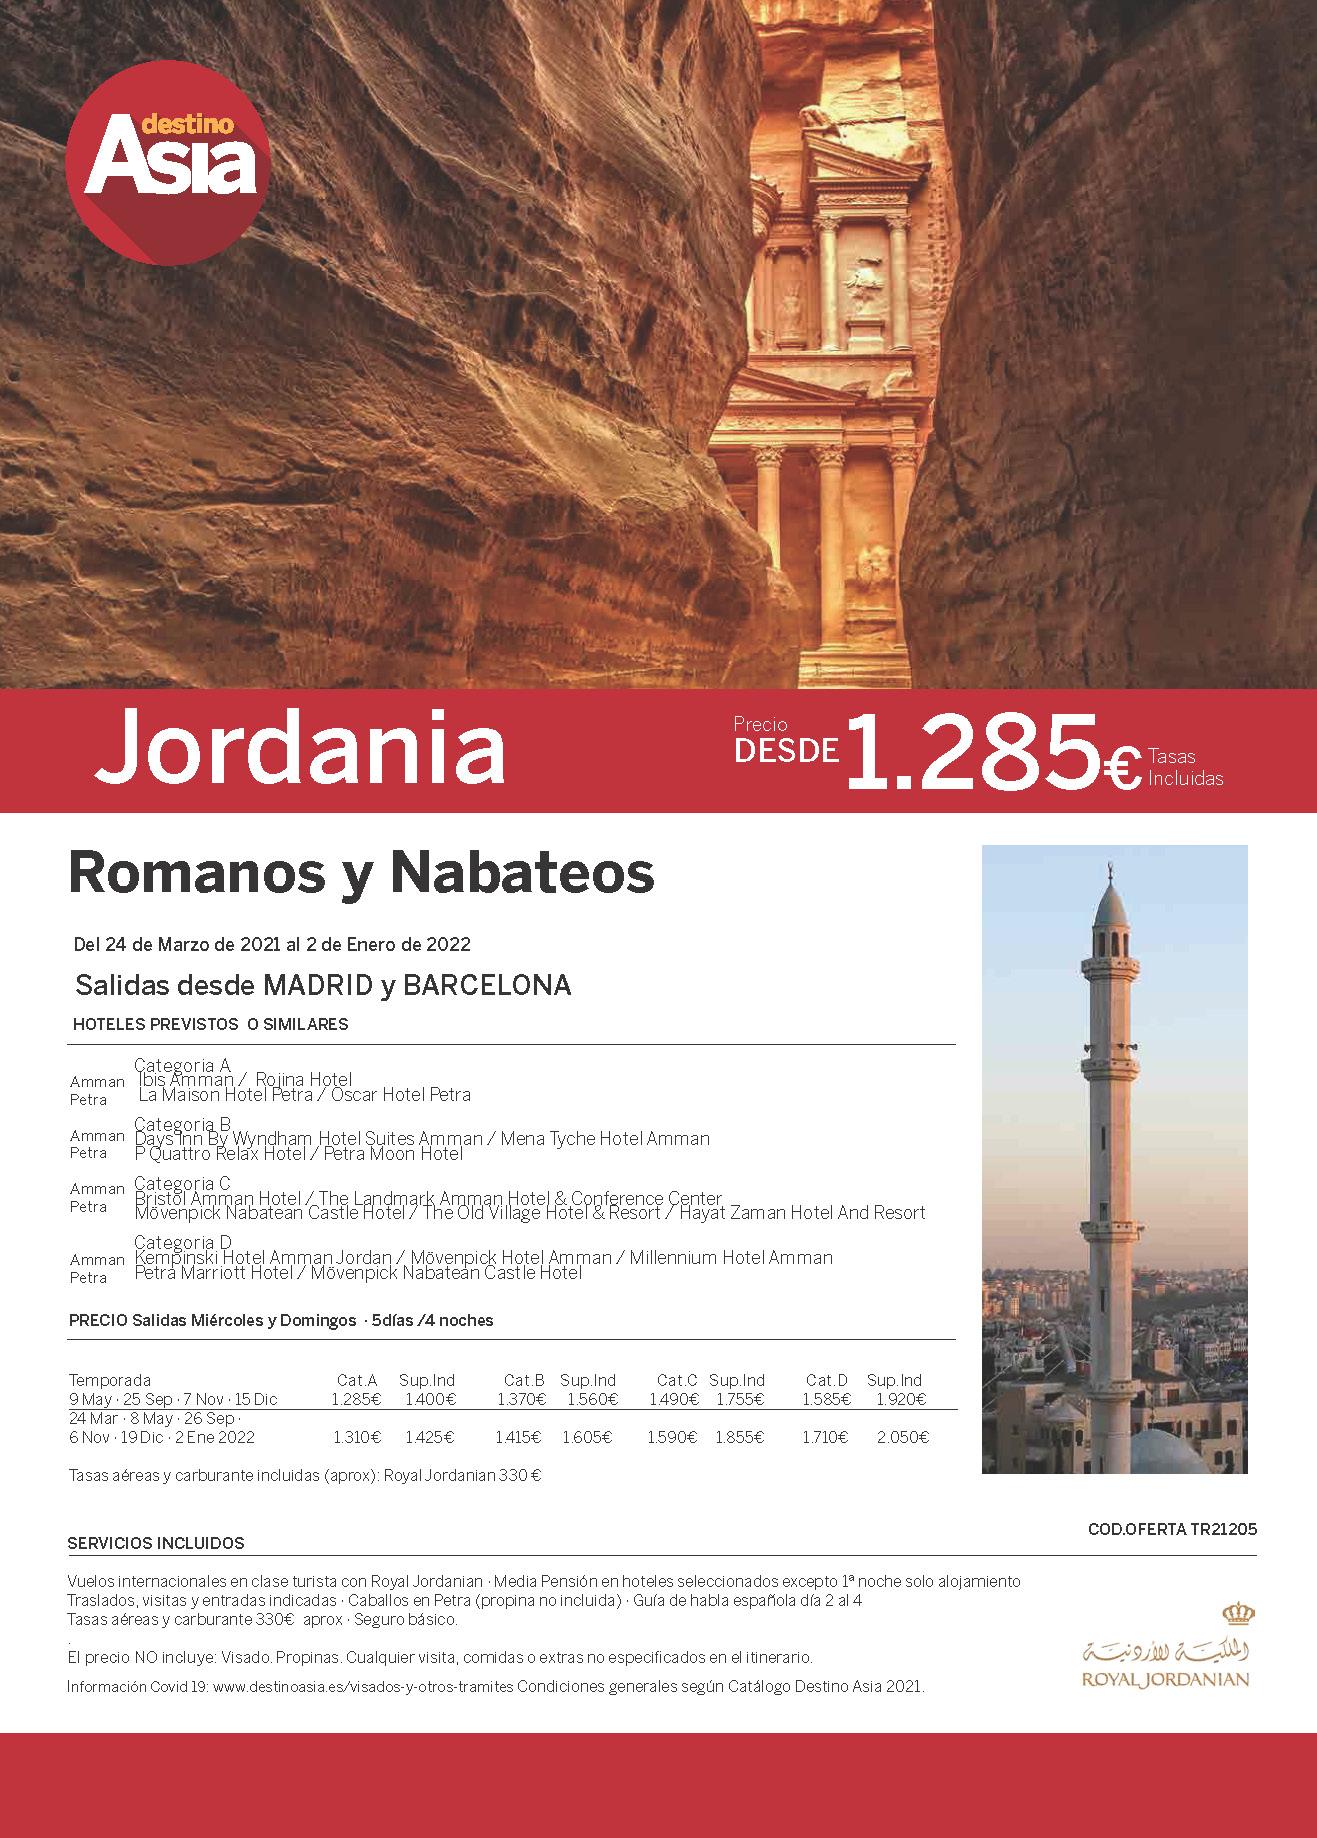 Oferta Destino Asia Jordania Romanos y Nabateos Primavera Verano y Otoño 2021